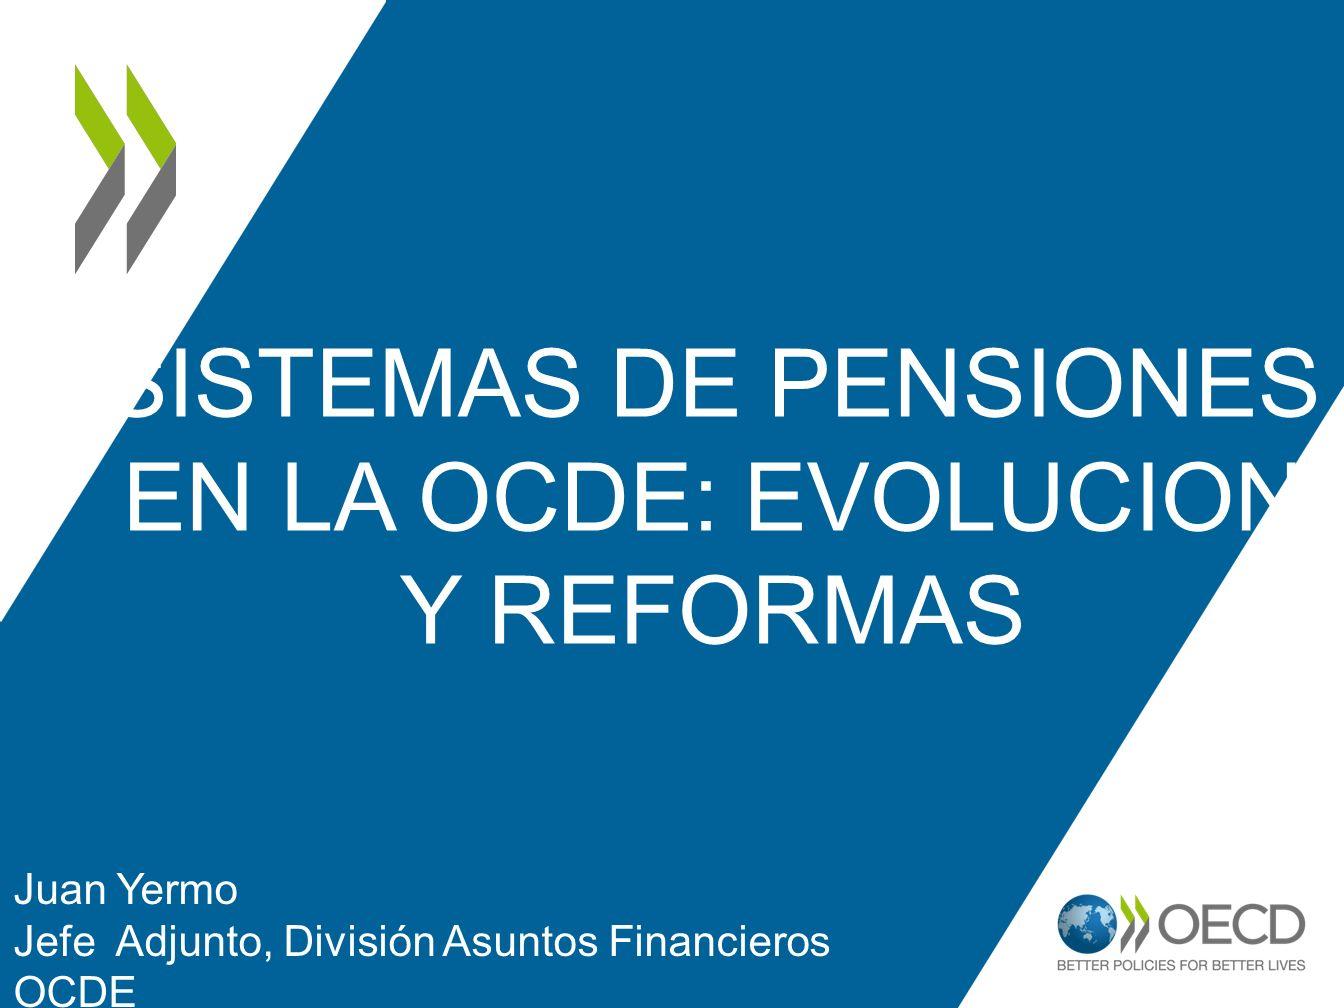 SISTEMAS DE PENSIONES EN LA OCDE: EVOLUCION Y REFORMAS Juan Yermo Jefe Adjunto, División Asuntos Financieros OCDE 1